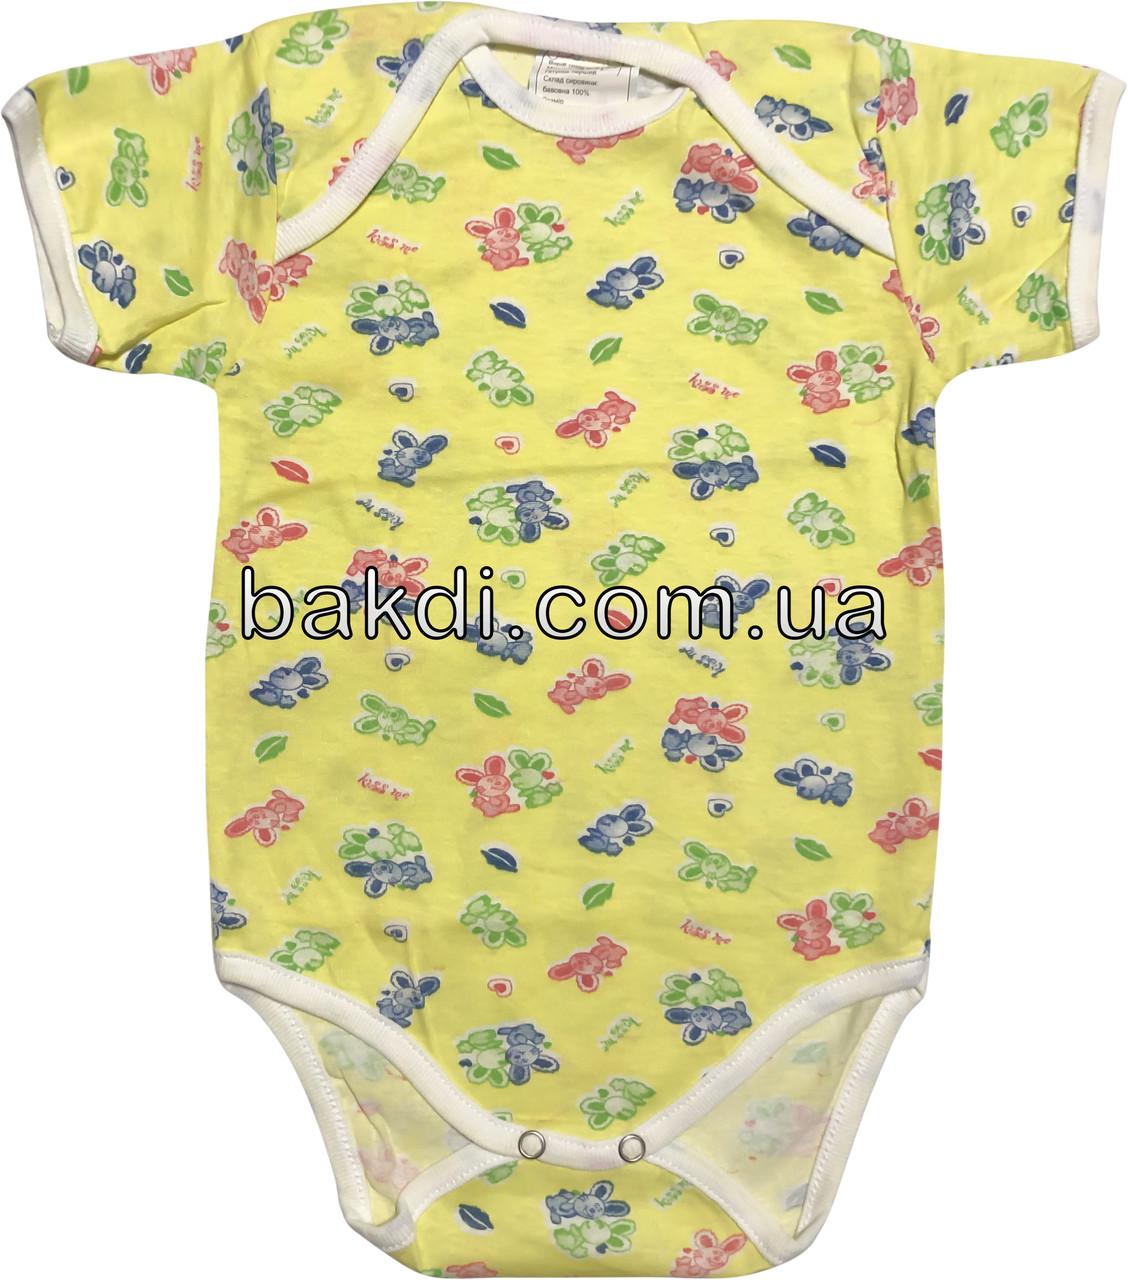 Детское летнее тонкое боди рост 68 3-6 мес хлопковое кулир жёлтое на мальчика девочку бодик с коротким рукавом для новорожденных малышей Ж401